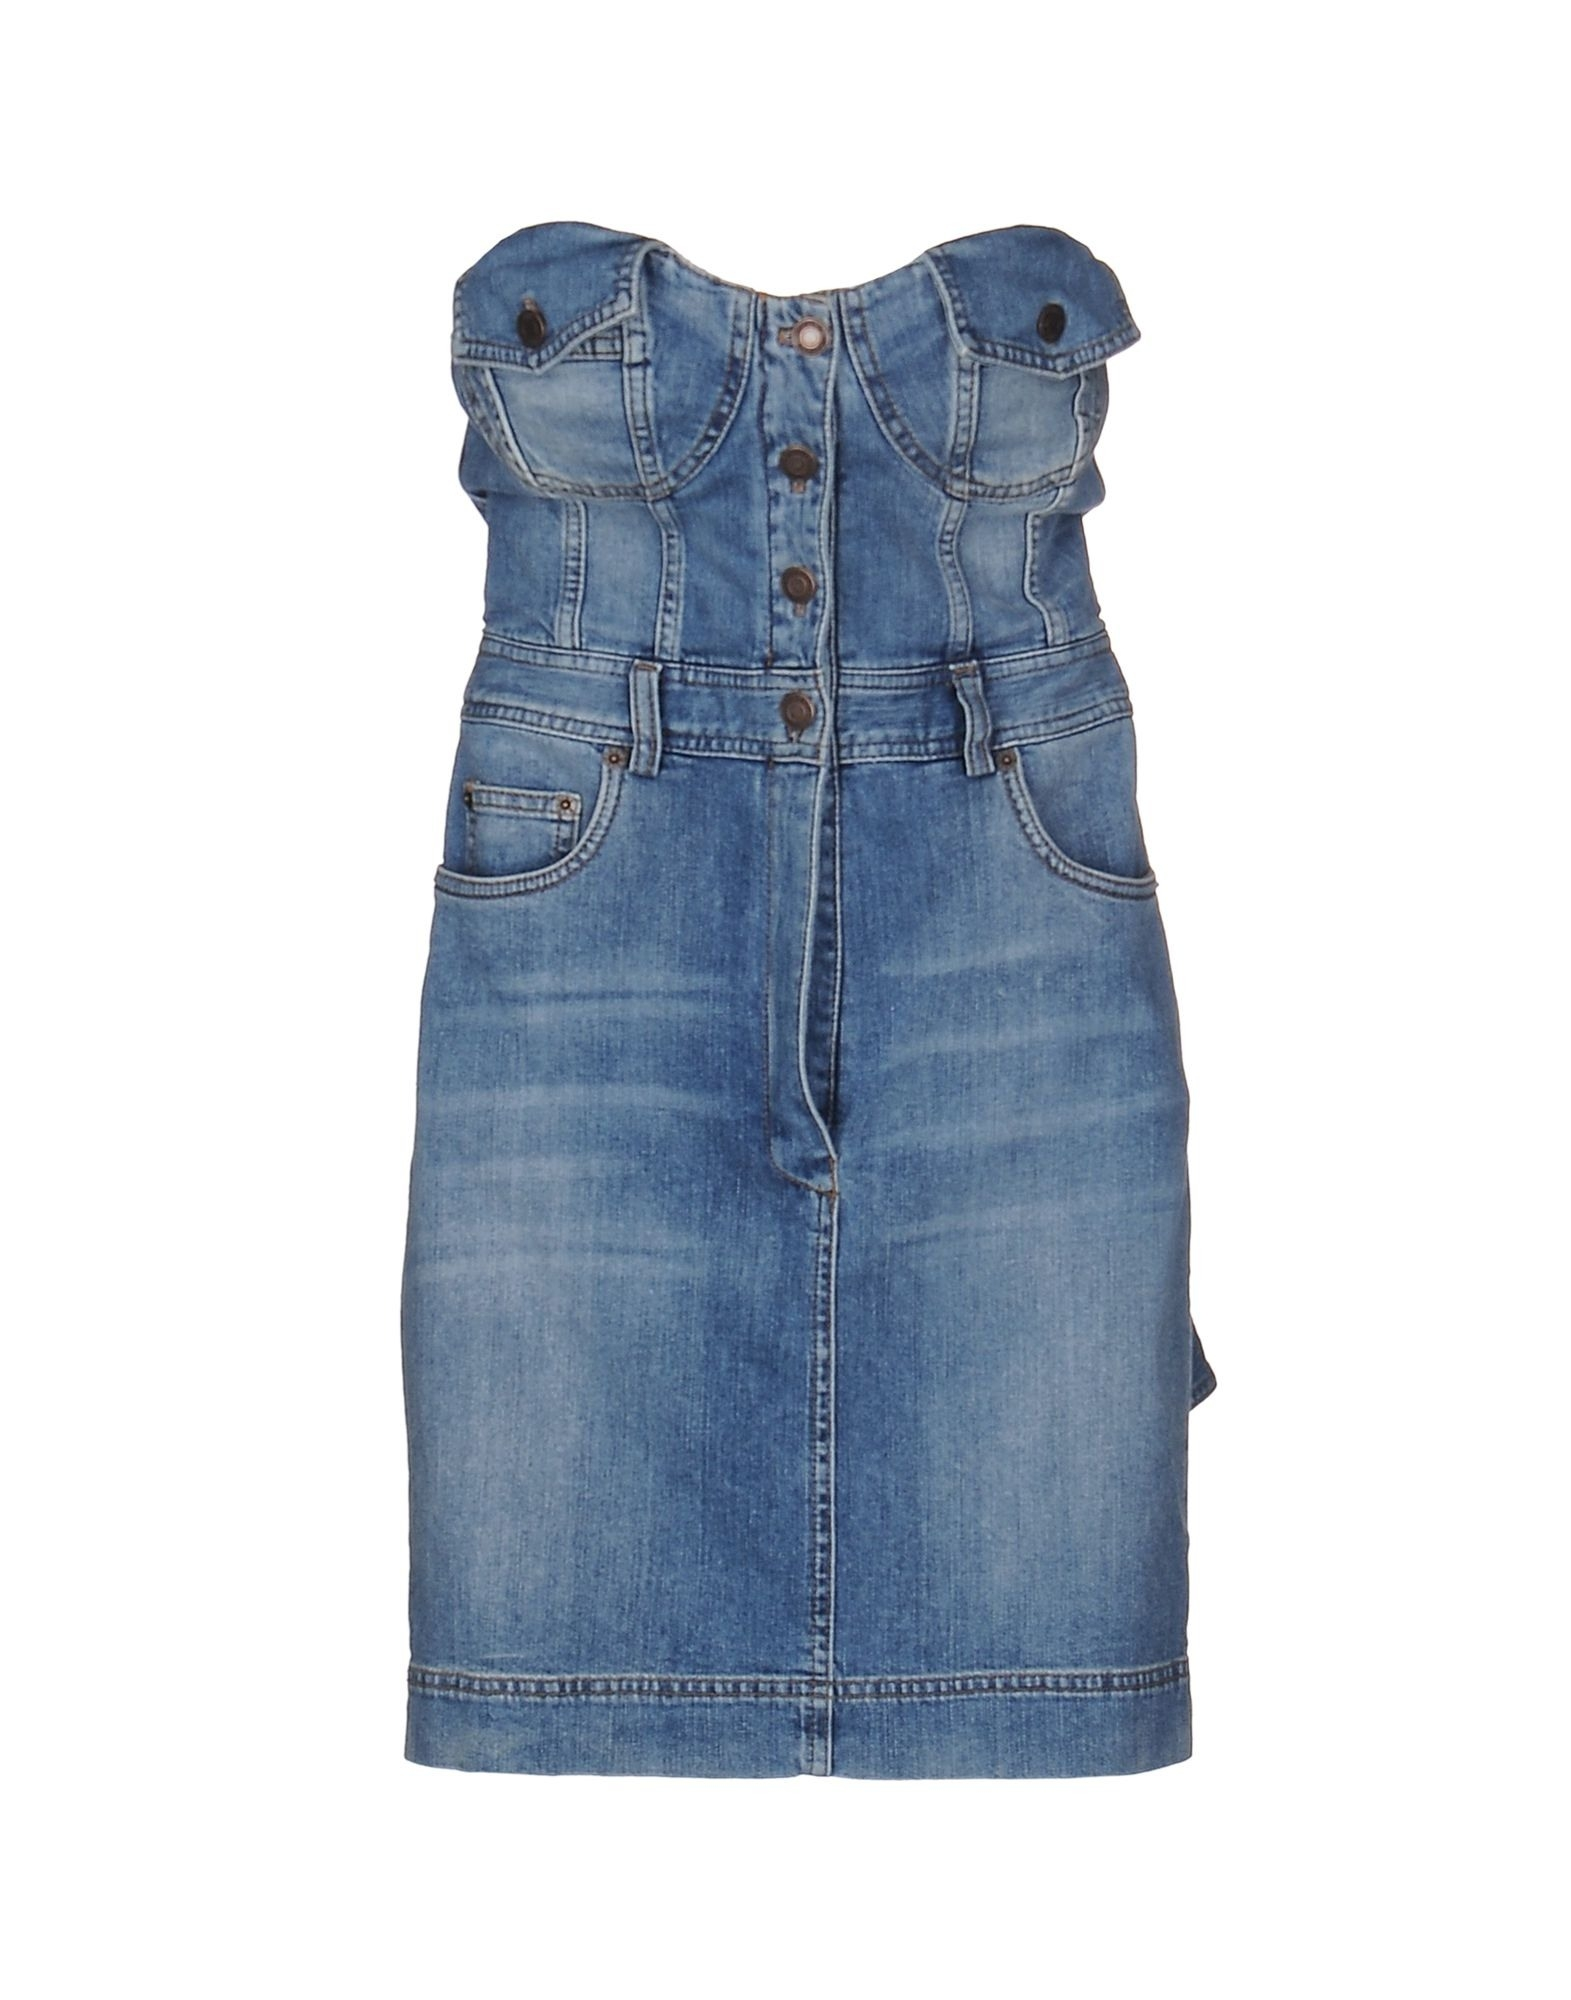 20 Luxurius Kurzes Kleid Blau StylishDesigner Leicht Kurzes Kleid Blau Boutique